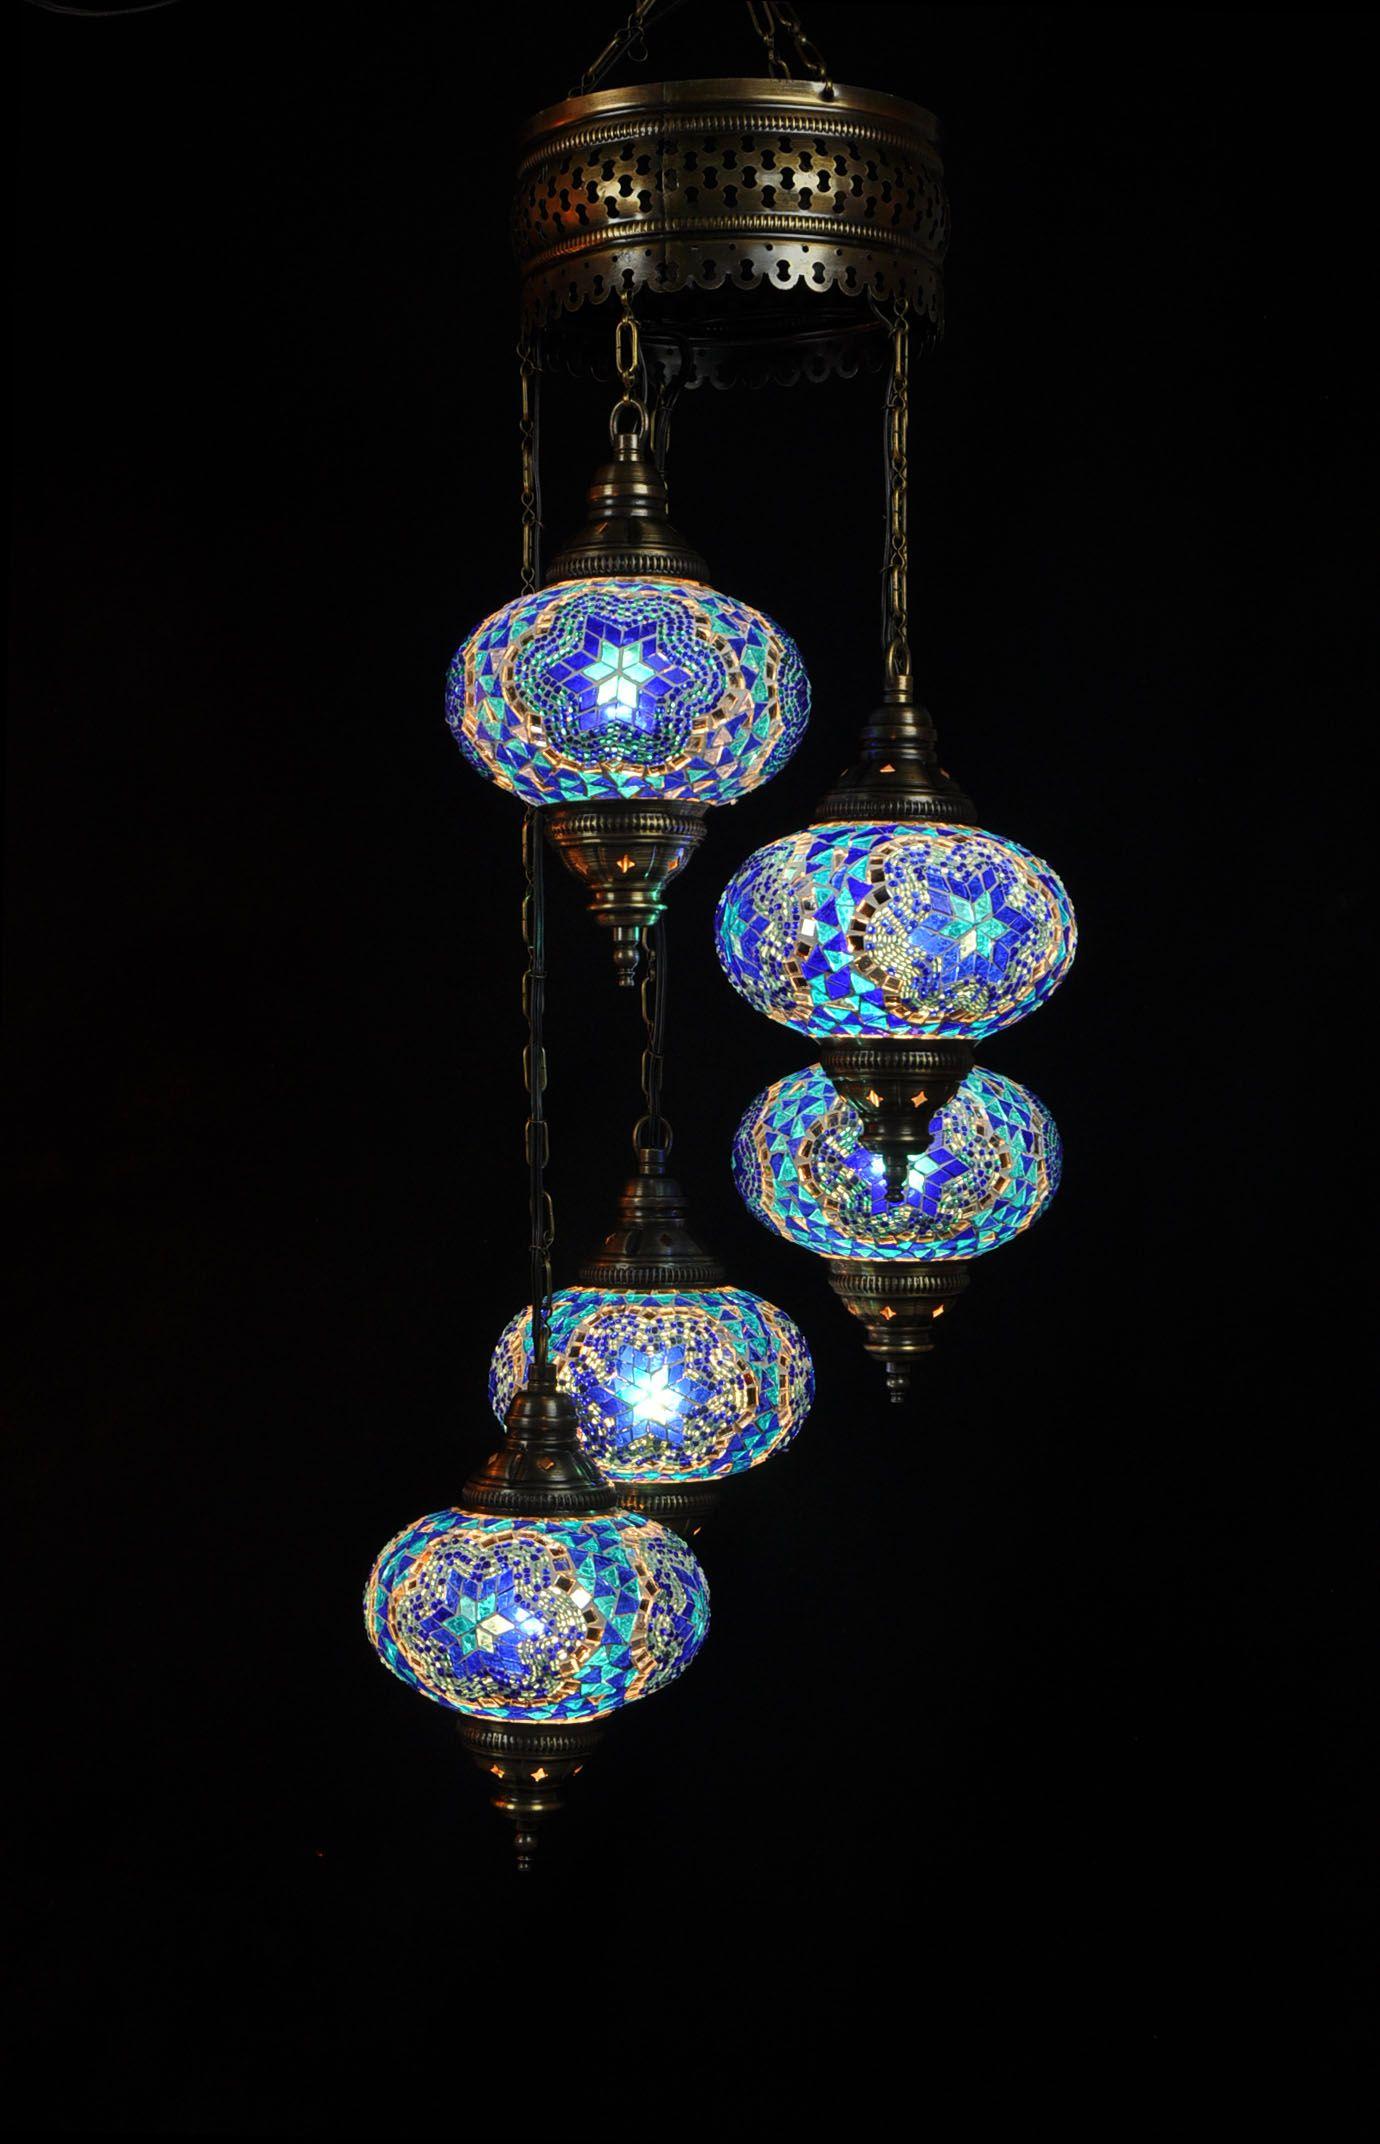 Oosterse Mozaiek Lamp Blauw 5 Bollen Oosterse Lampen Blauwe Lampen Turkse Lampen Hangende Lampen